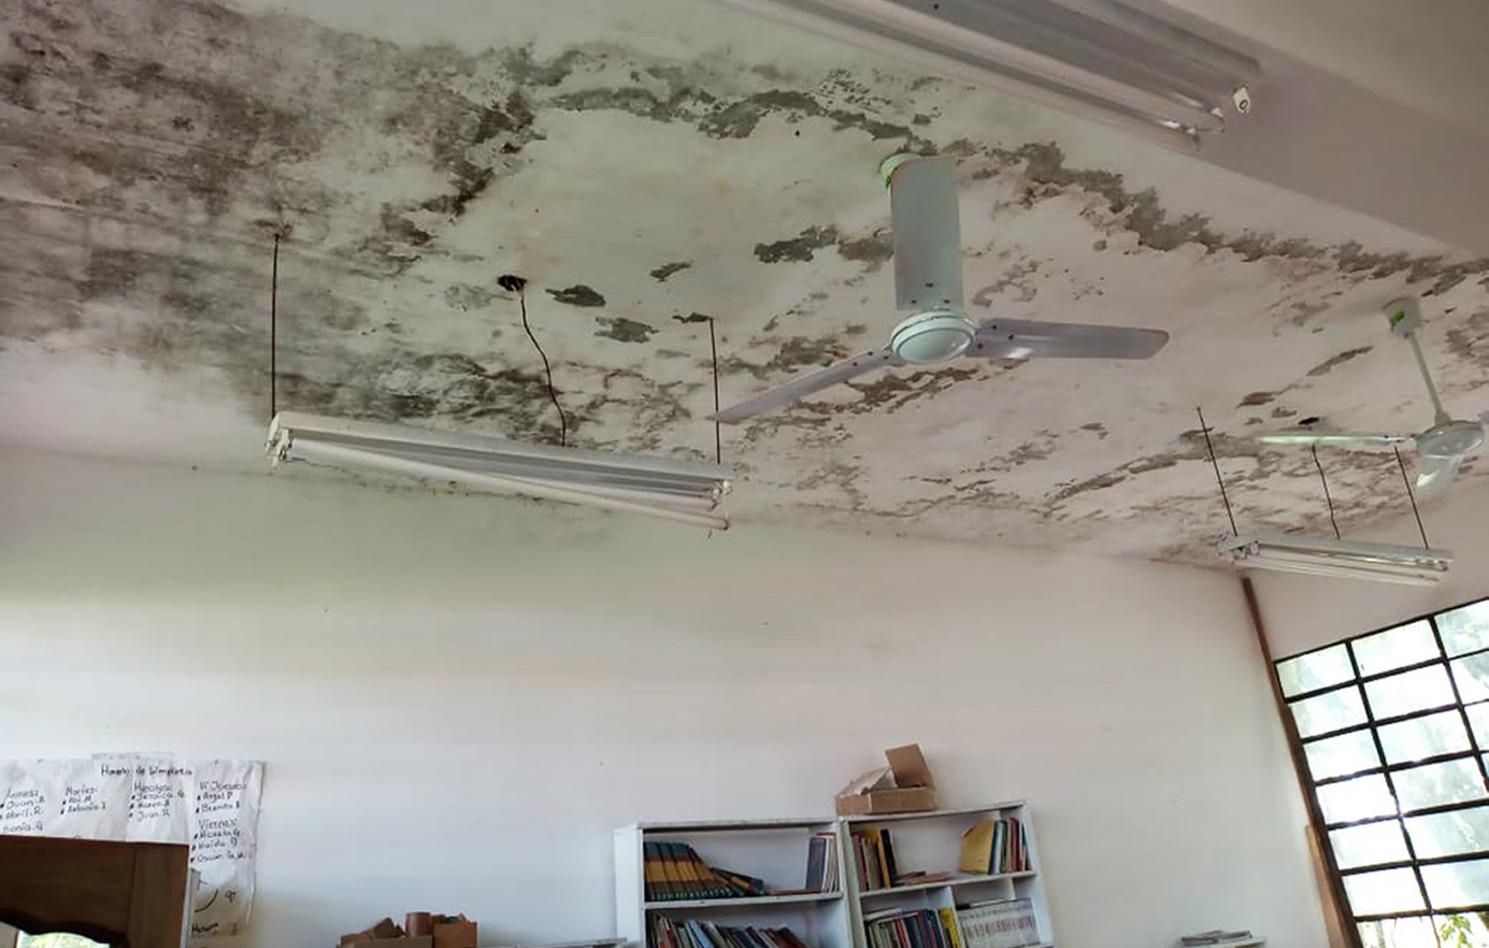 El aula más nueva de la escuela 674 tiene el techo con filtraciones. El polvo que cae afecta todos los muebles.